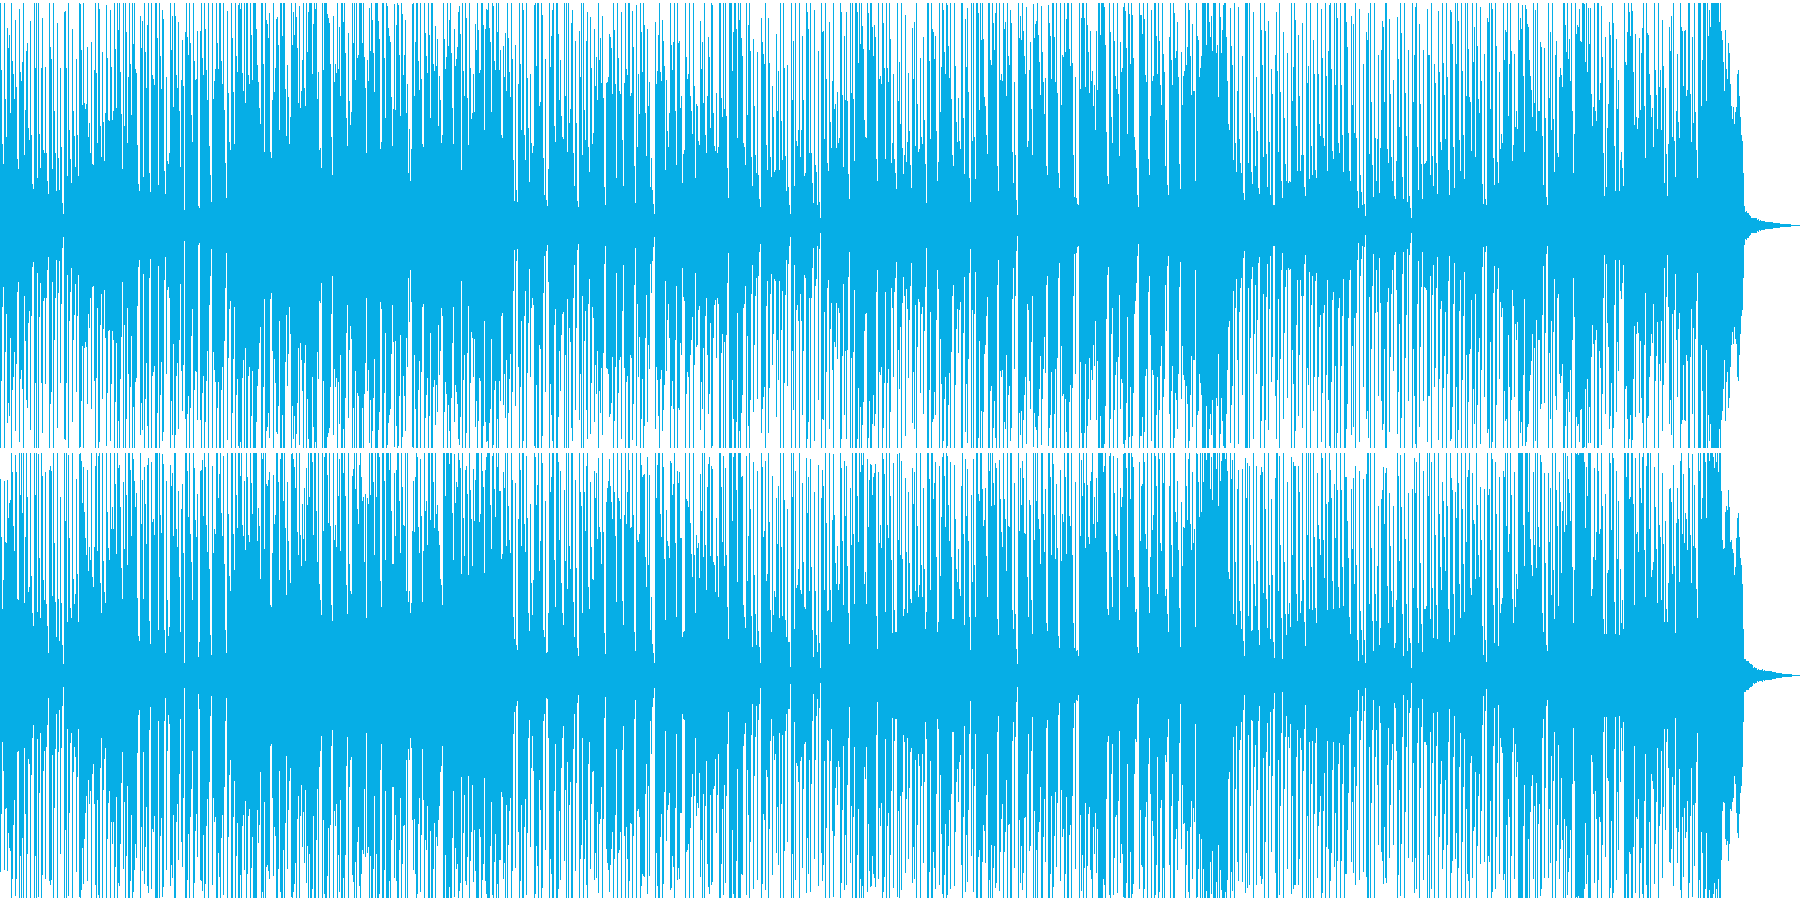 スローからミディアムテンポのレゲエ音楽の再生済みの波形